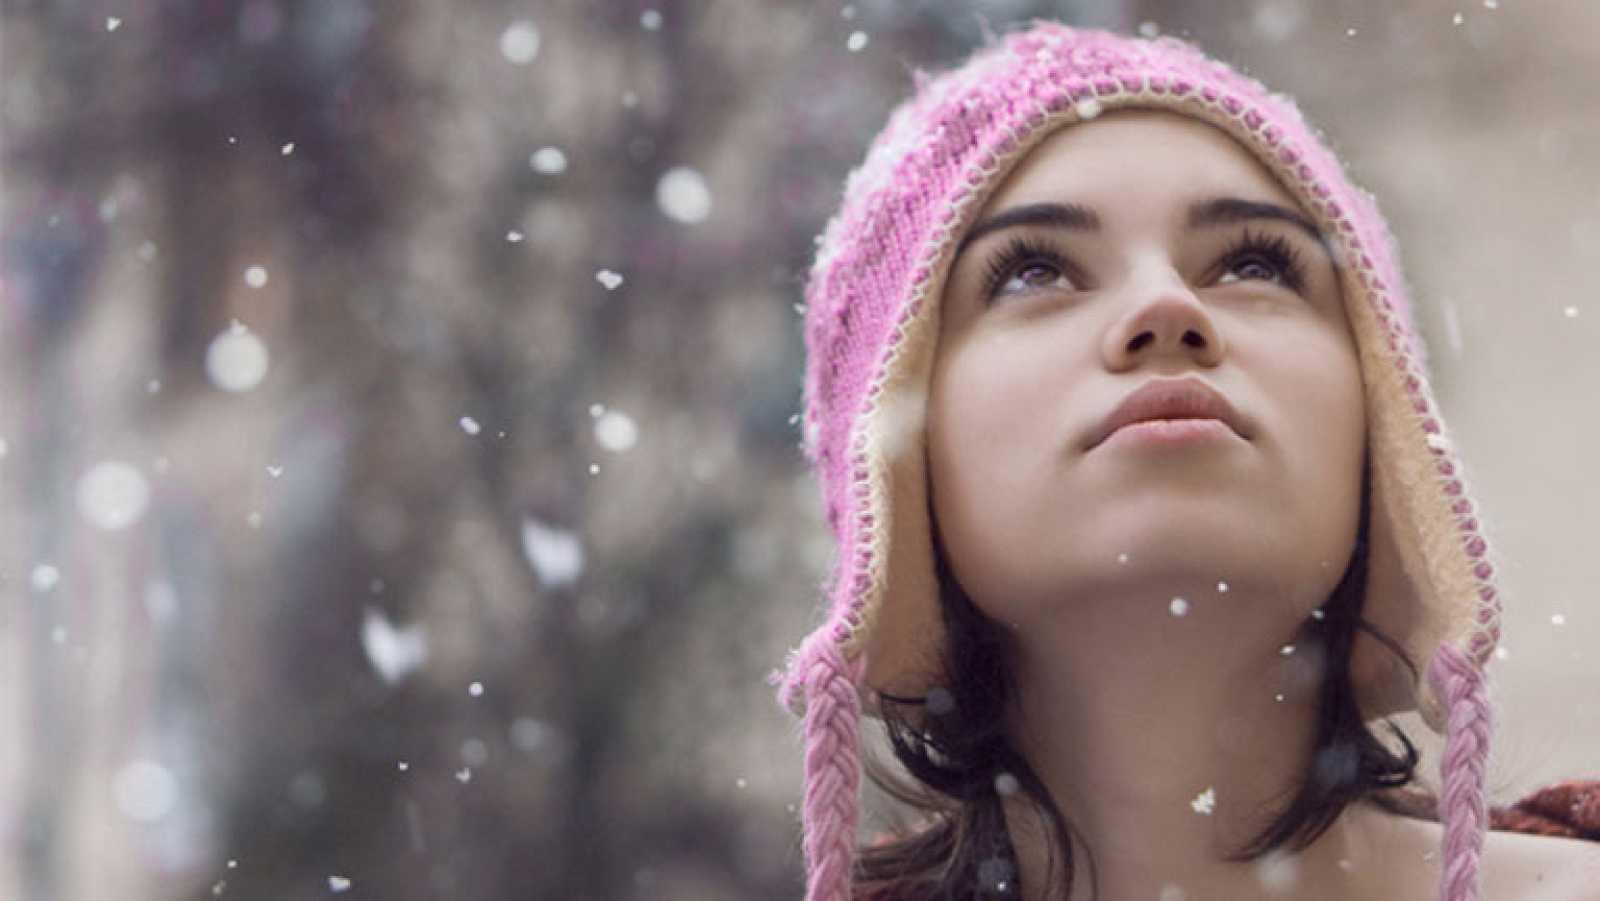 Saber vivir -La piel en invierno - Ver ahora